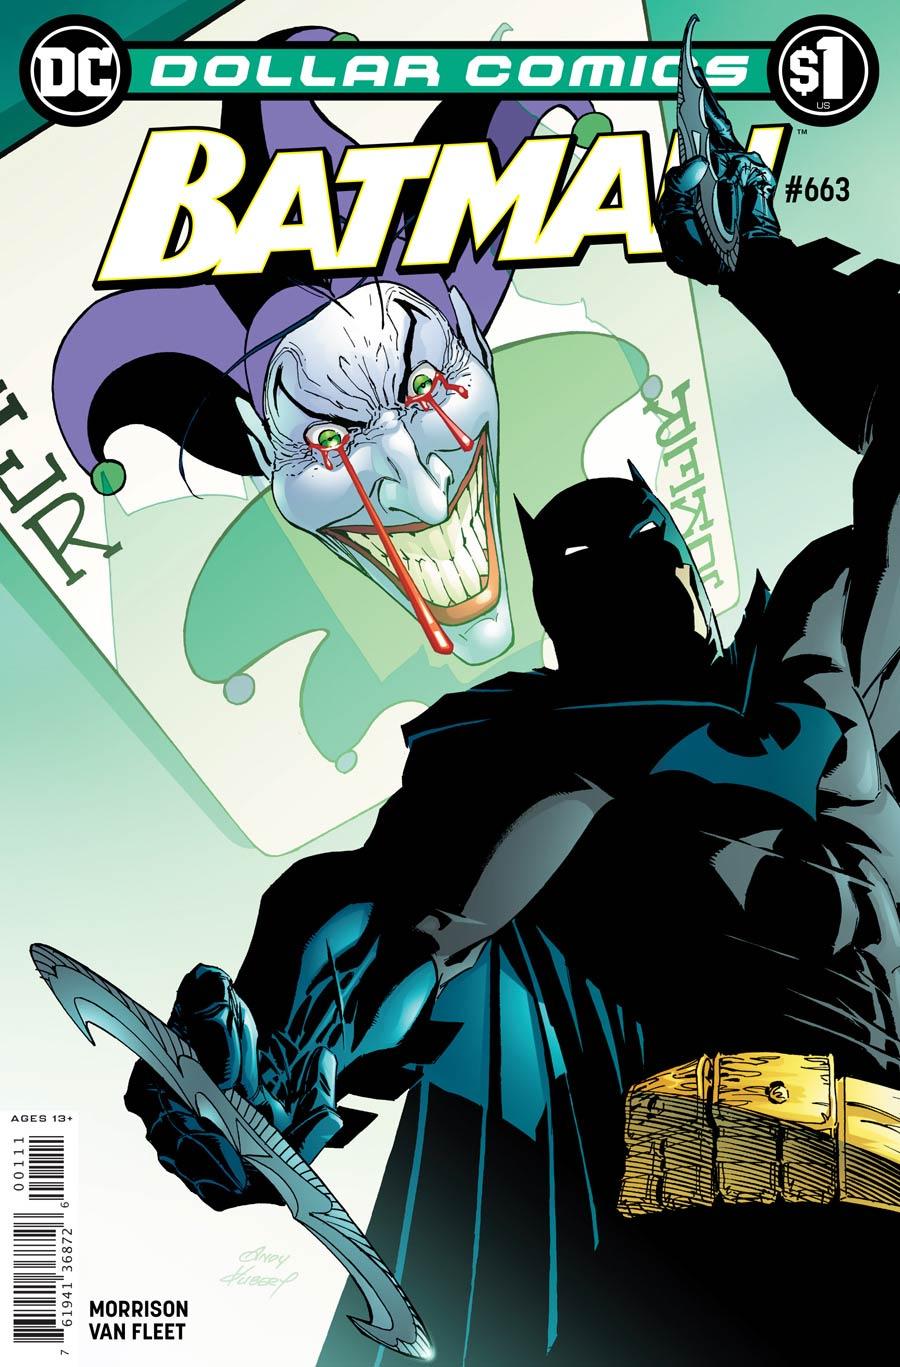 Dollar Comics Batman #663